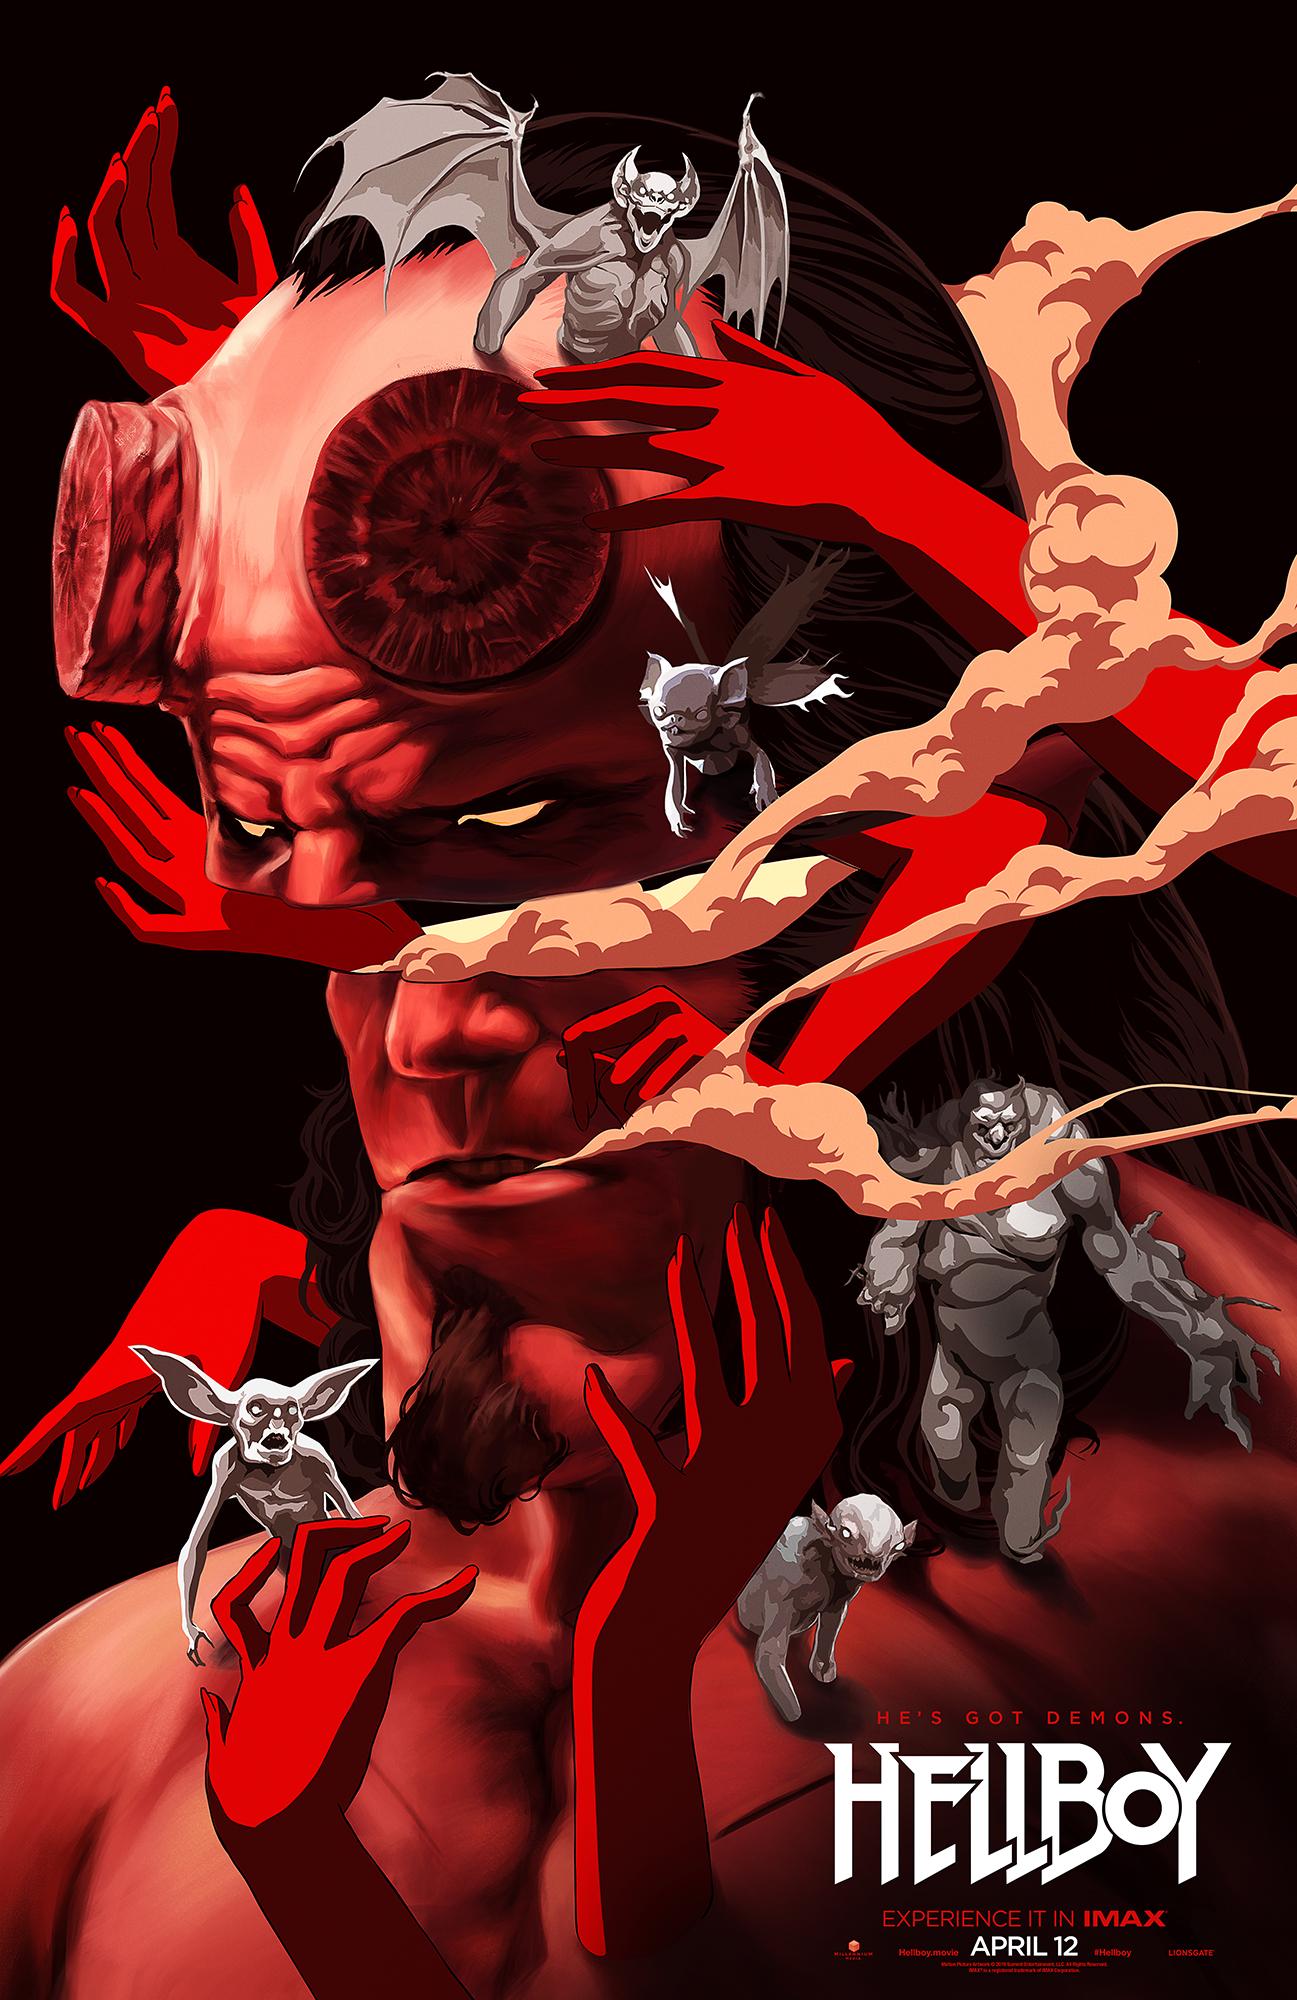 Hellboy_Specialty_1Sht_Hands_VF_100dpi.jpg